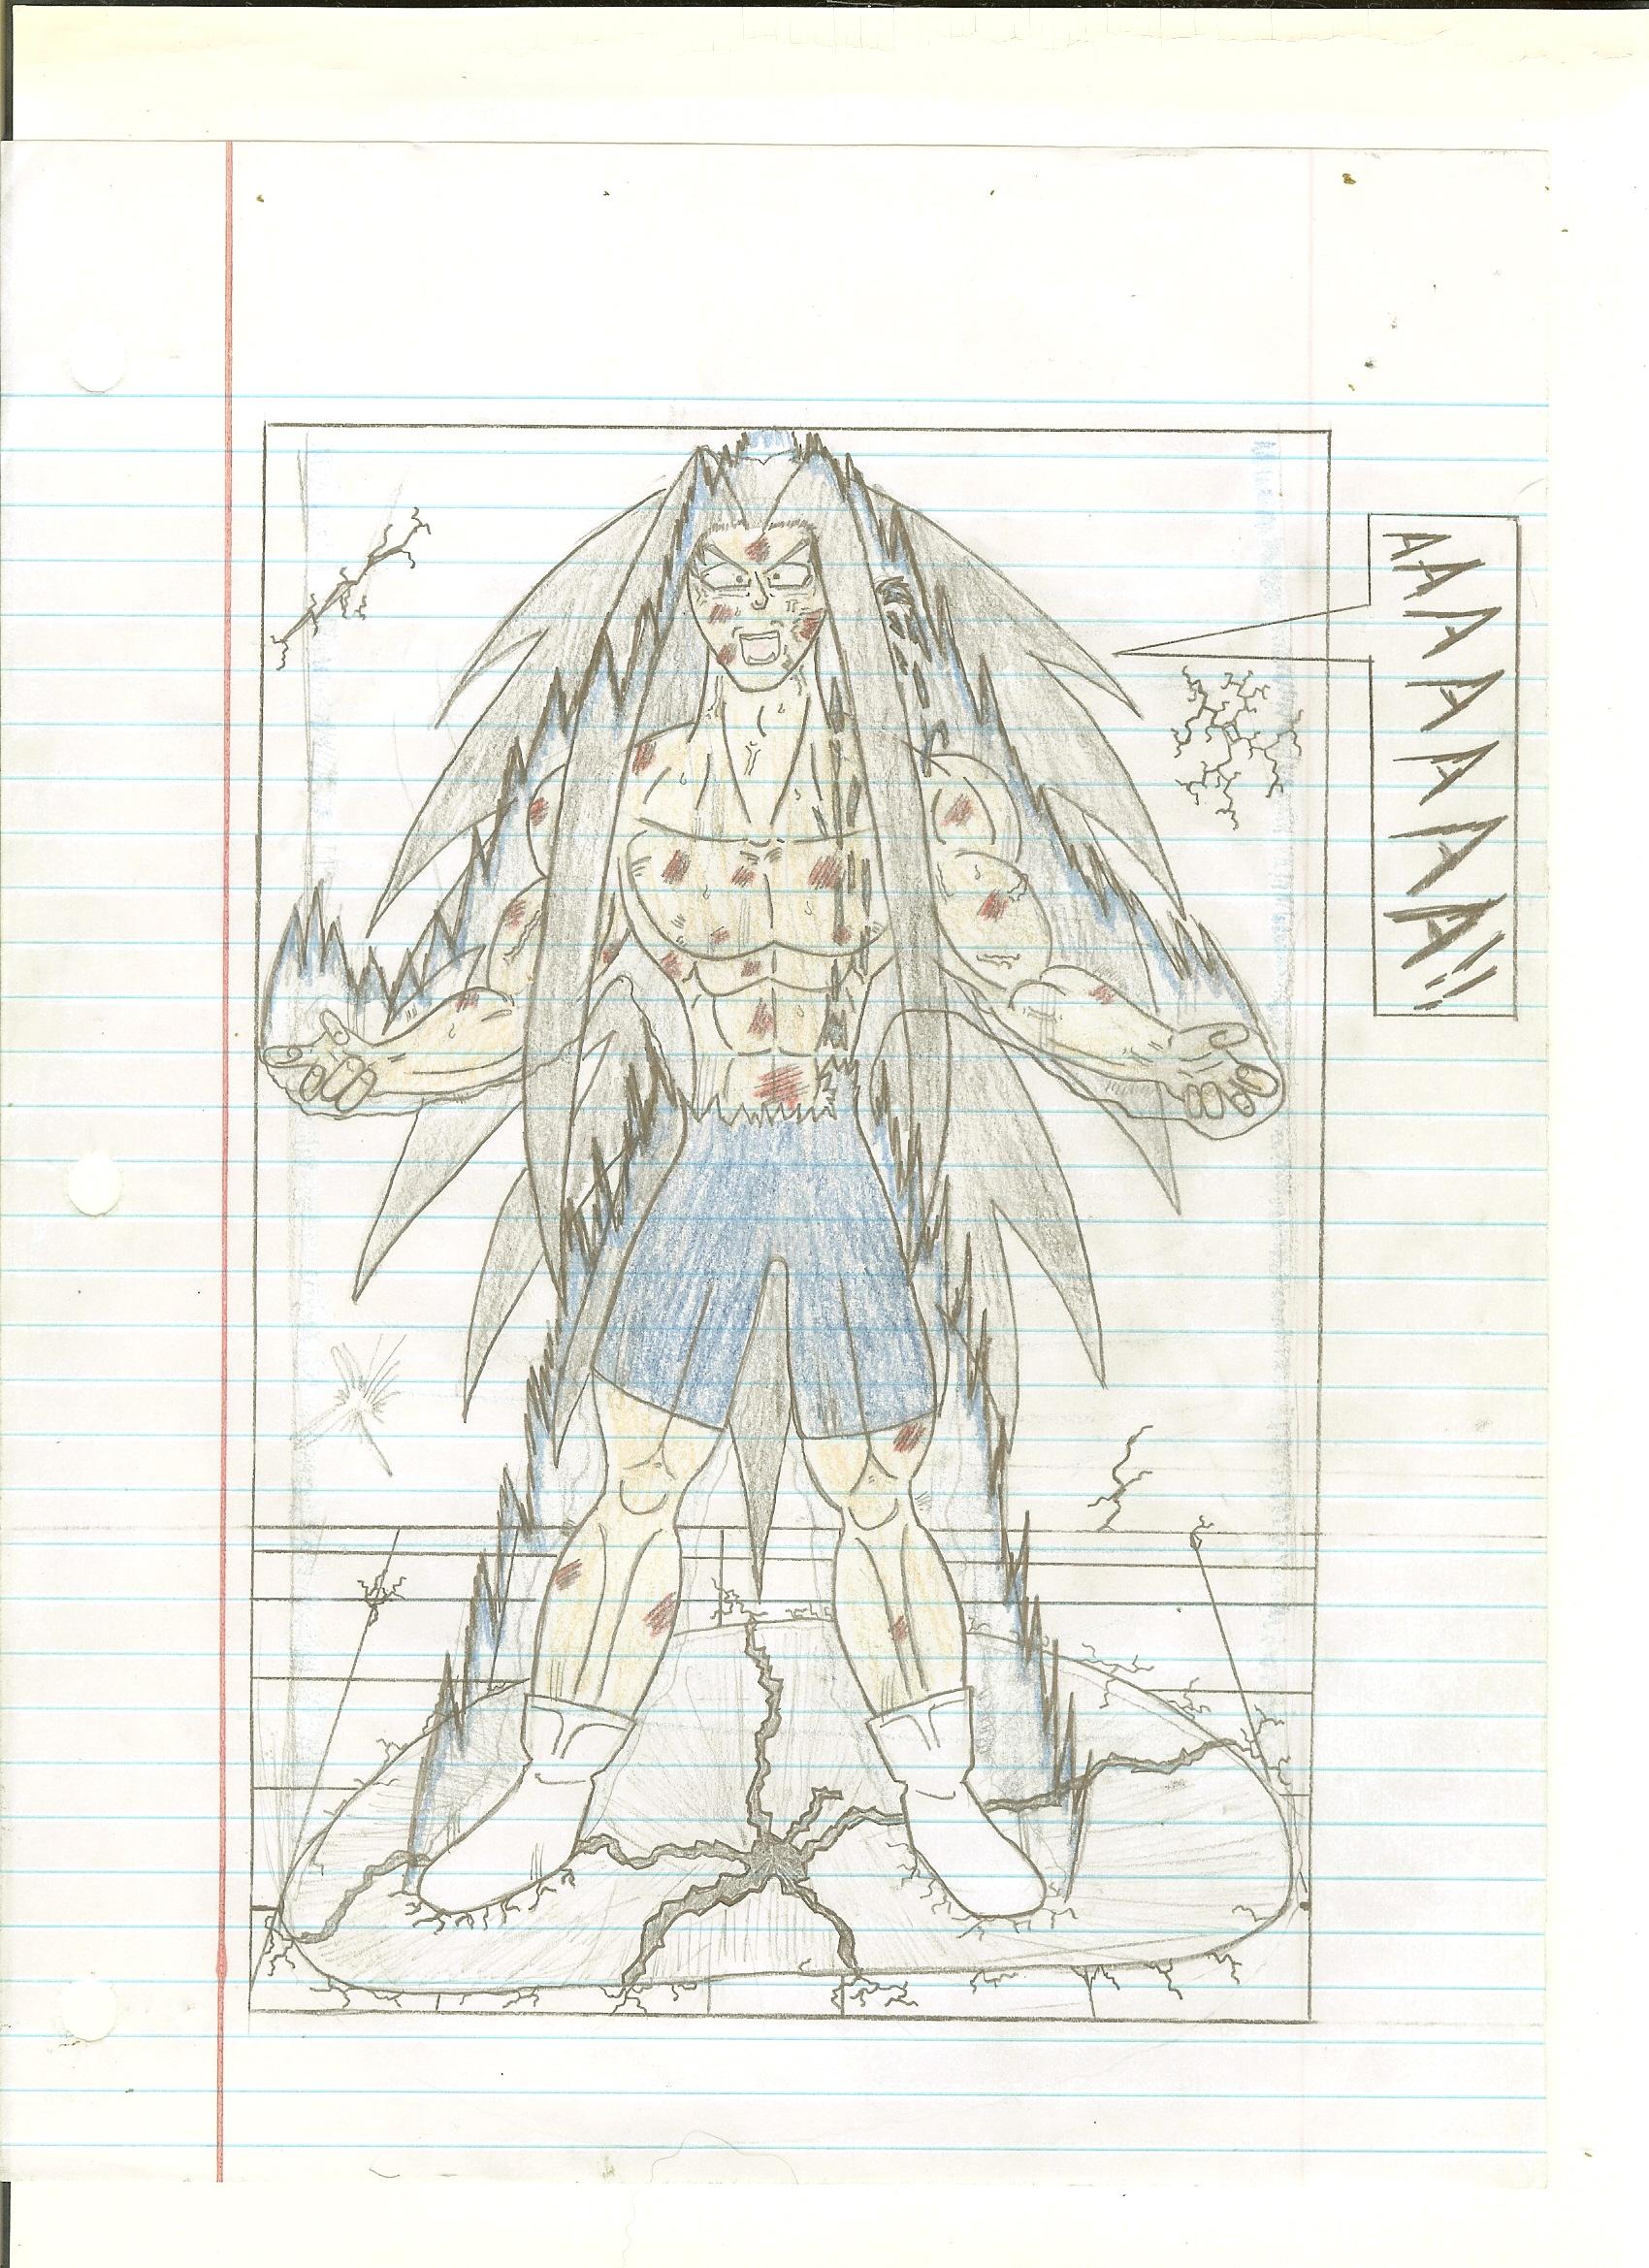 Fan DBZ Comic Page 7 - Genesis